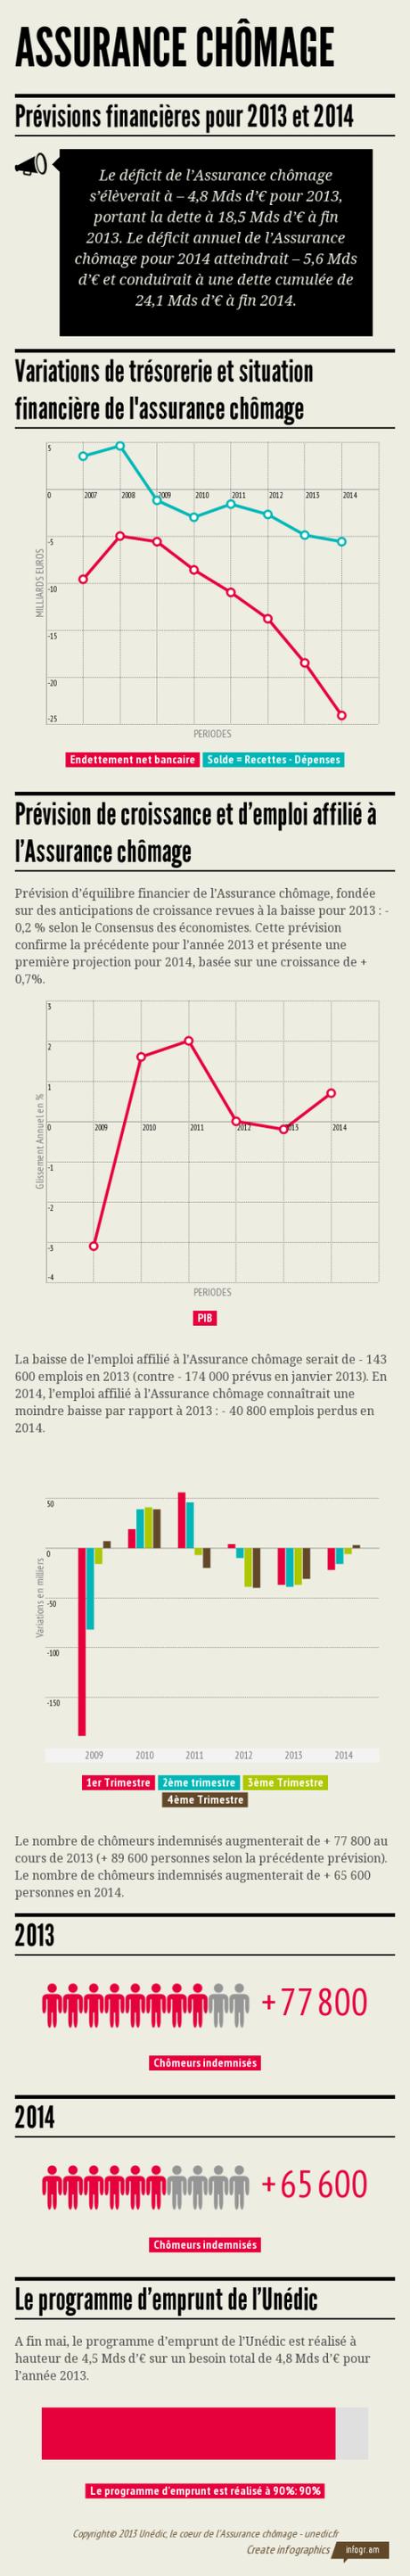 SituationFinanciere23052013